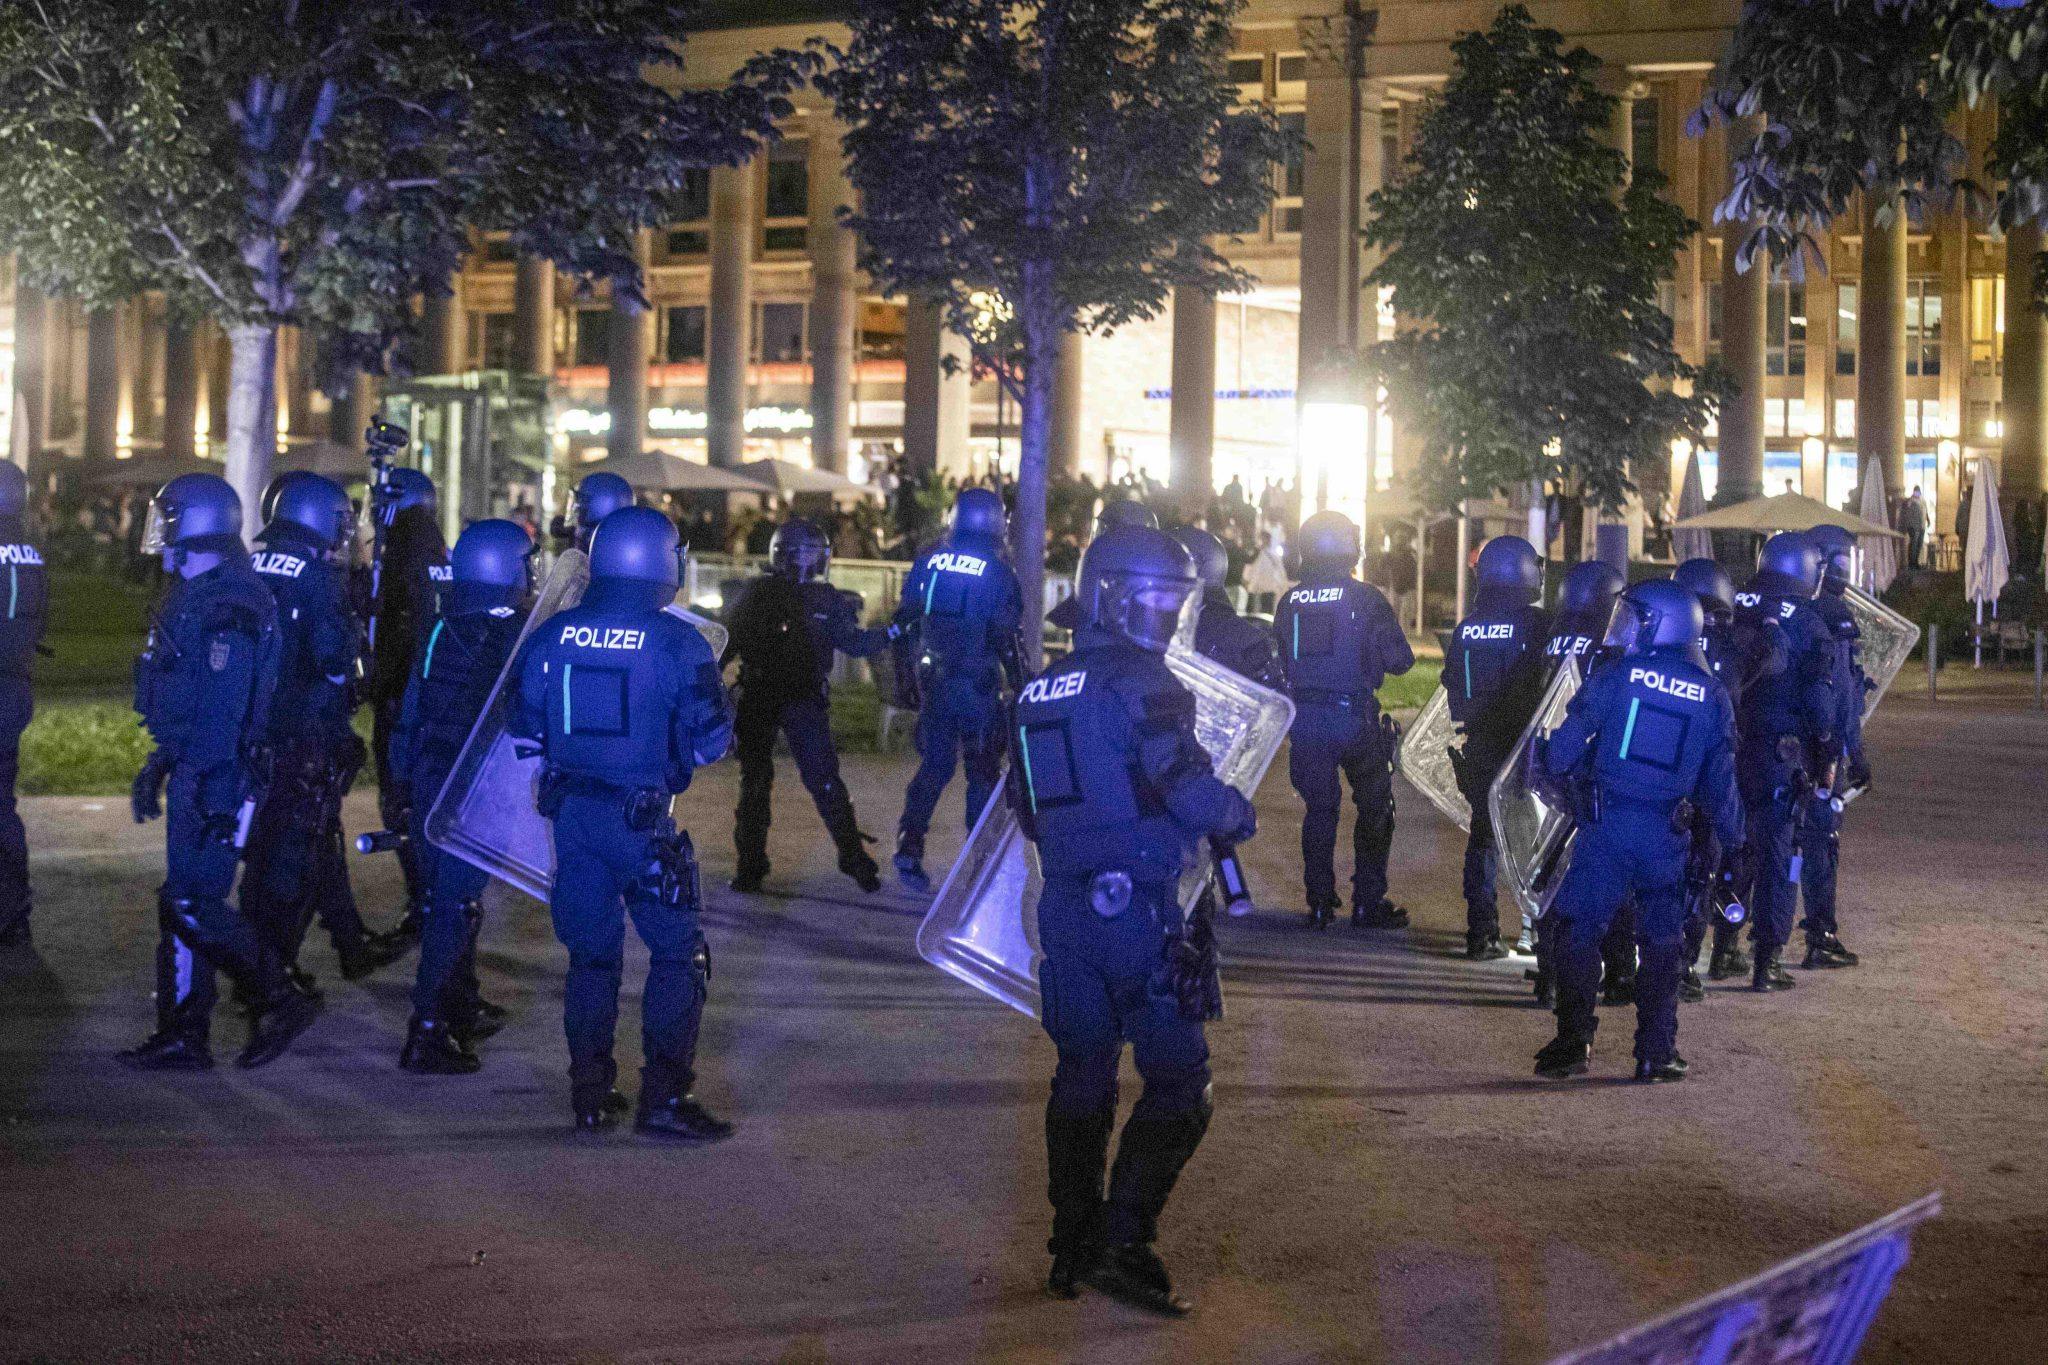 Polizisten sammeln sich in Stuttgart, um gegen Randalierer vorzugehen Foto: picture alliance/Simon Adomat/dpa